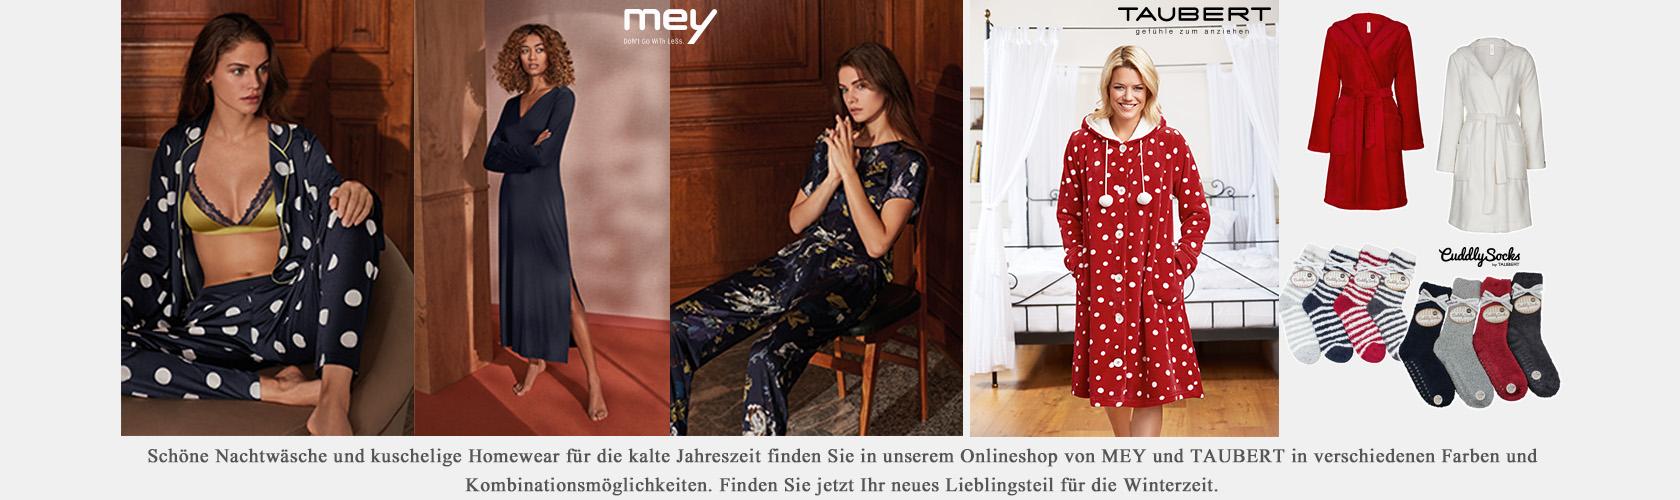 Slideshow MEY Nachtwäsche TAUBERT Homewear 04.12.